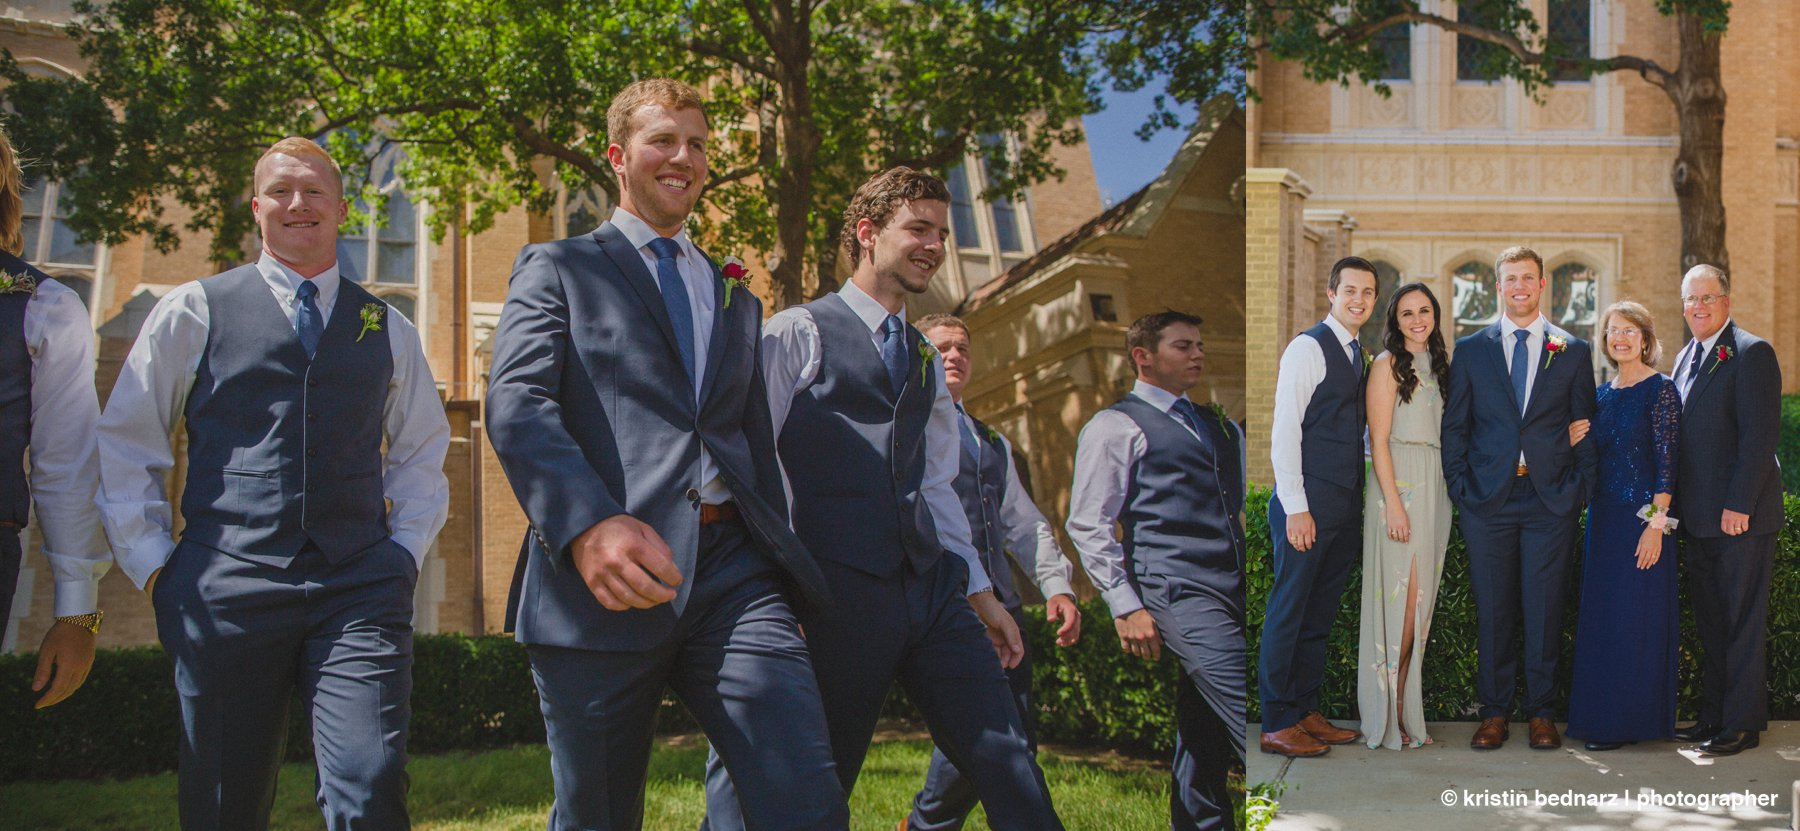 Krisitin_Bednarz_Lubbock_Wedding_Photographer_20180602_0040.JPG